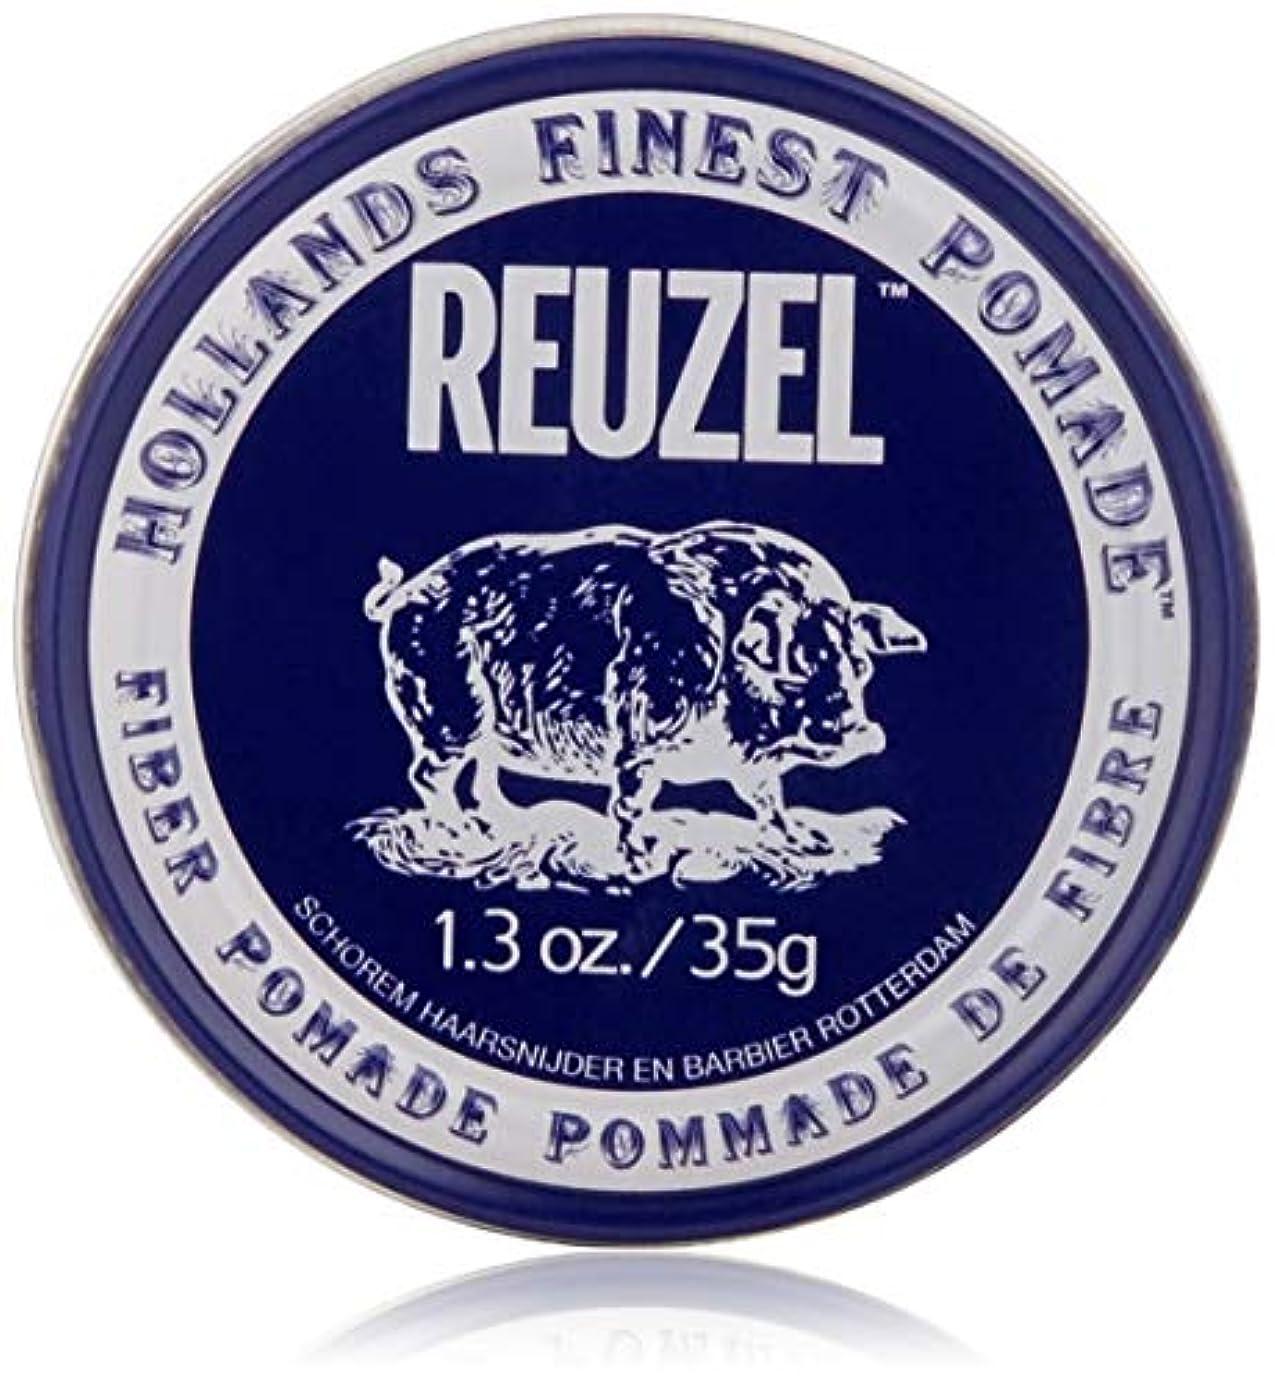 極小子供時代活力REUZEL INC Reuzelナチュラルフィニッシュ繊維ポマード、1.3オンス 1.3オンス 濃紺